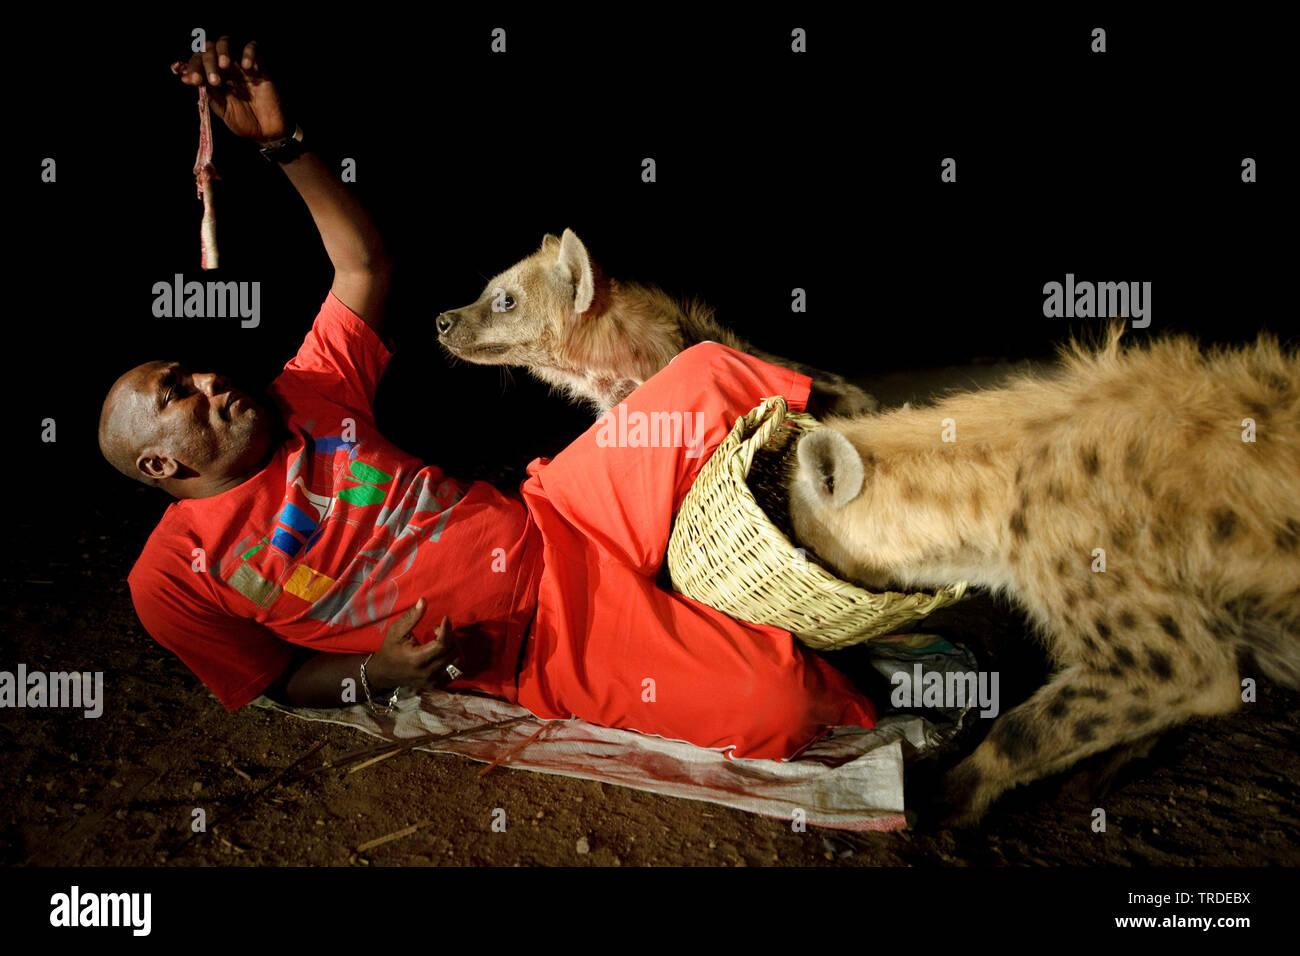 Tuepfelhyaene, Tuepfel-Hyaene, Fleckenhyaene, Flecken-Hyaene (Crocuta crocuta), Hyaenen-Mann von Harar fuettert zwei Hyaenen, Aethiopien, Harar   spot - Stock Image